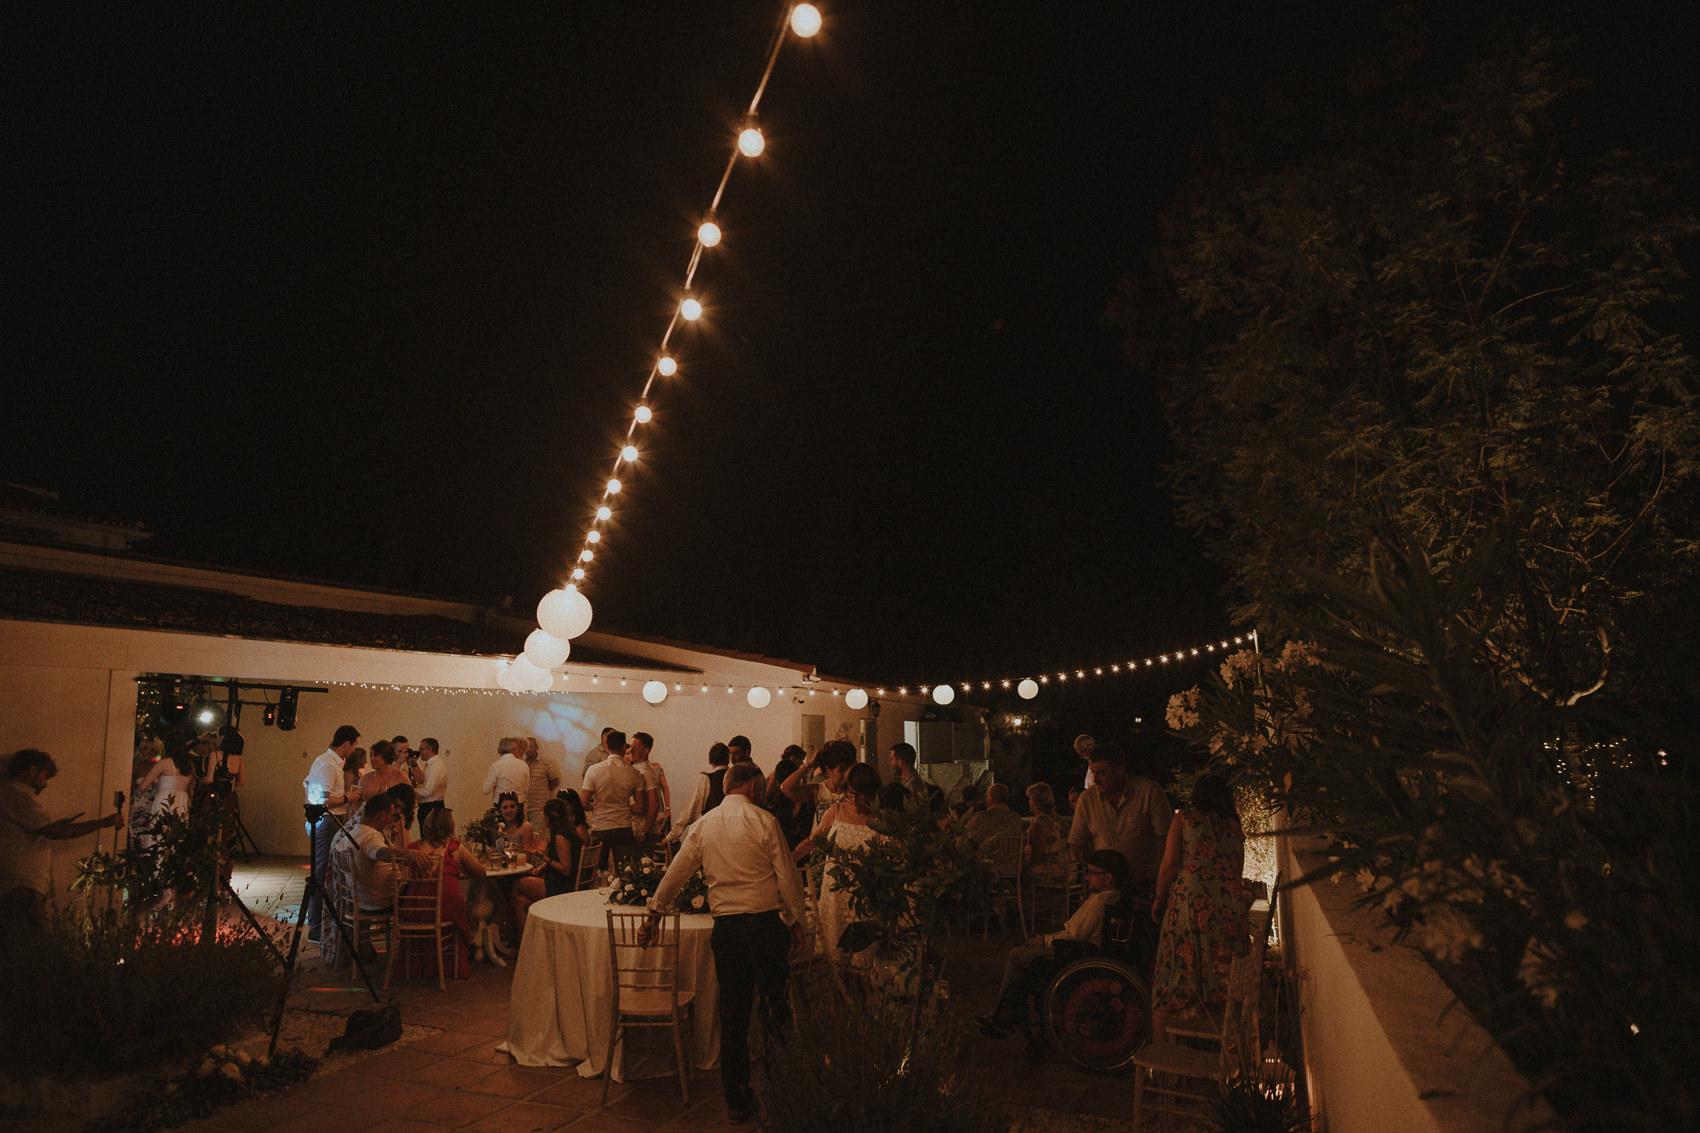 Sarah & Bill | Summer wedding at Cortijo Rosa Blanca | Marbella - Spain 186